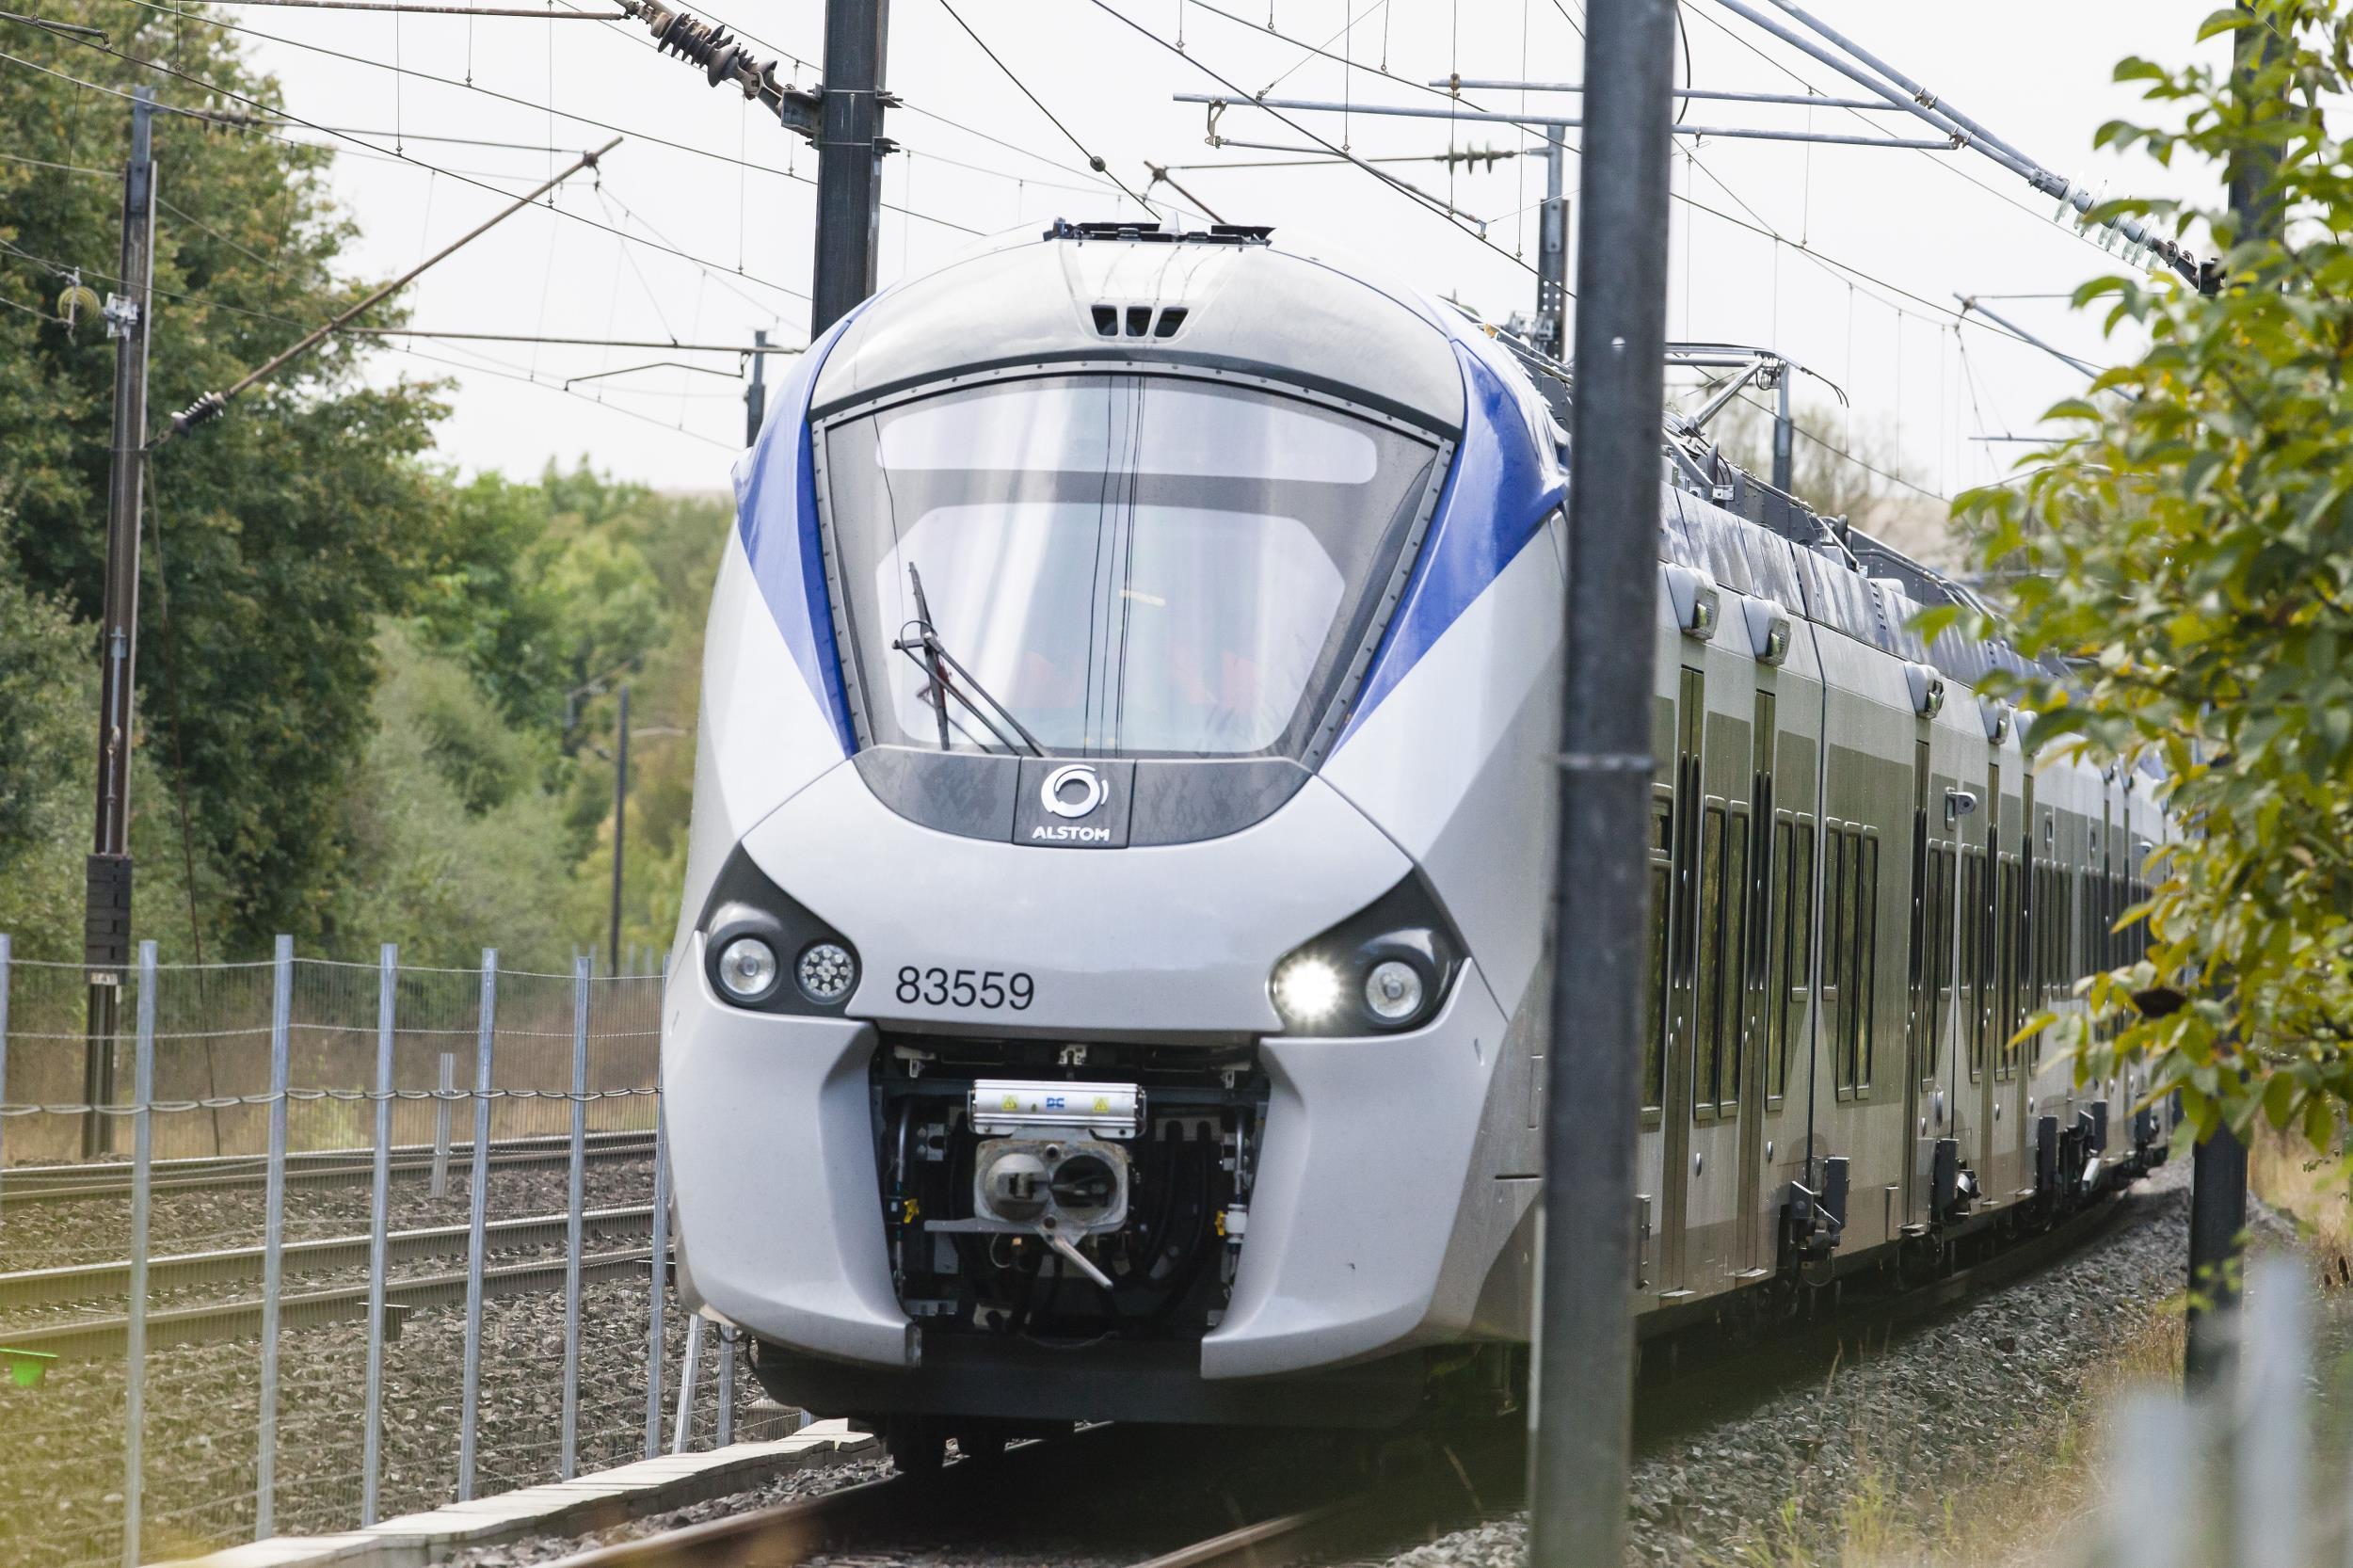 Franţa comandă primele trenuri cu hidrogen de la Alstom, contract de aproape 190 milioane euro pentru primele 12 trenuri electrice